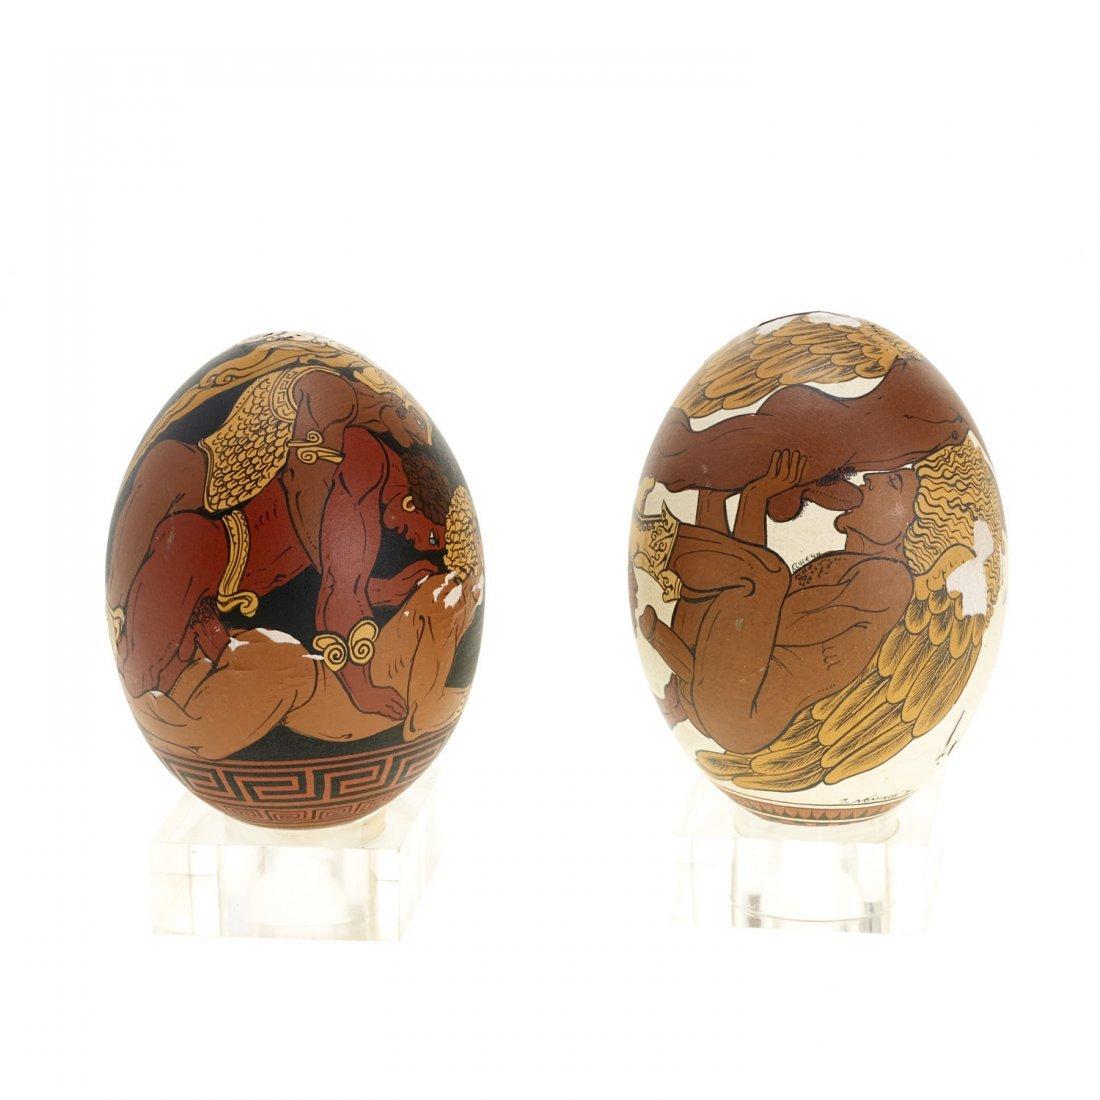 Yiannis Nomikos, homoerotic painted eggs